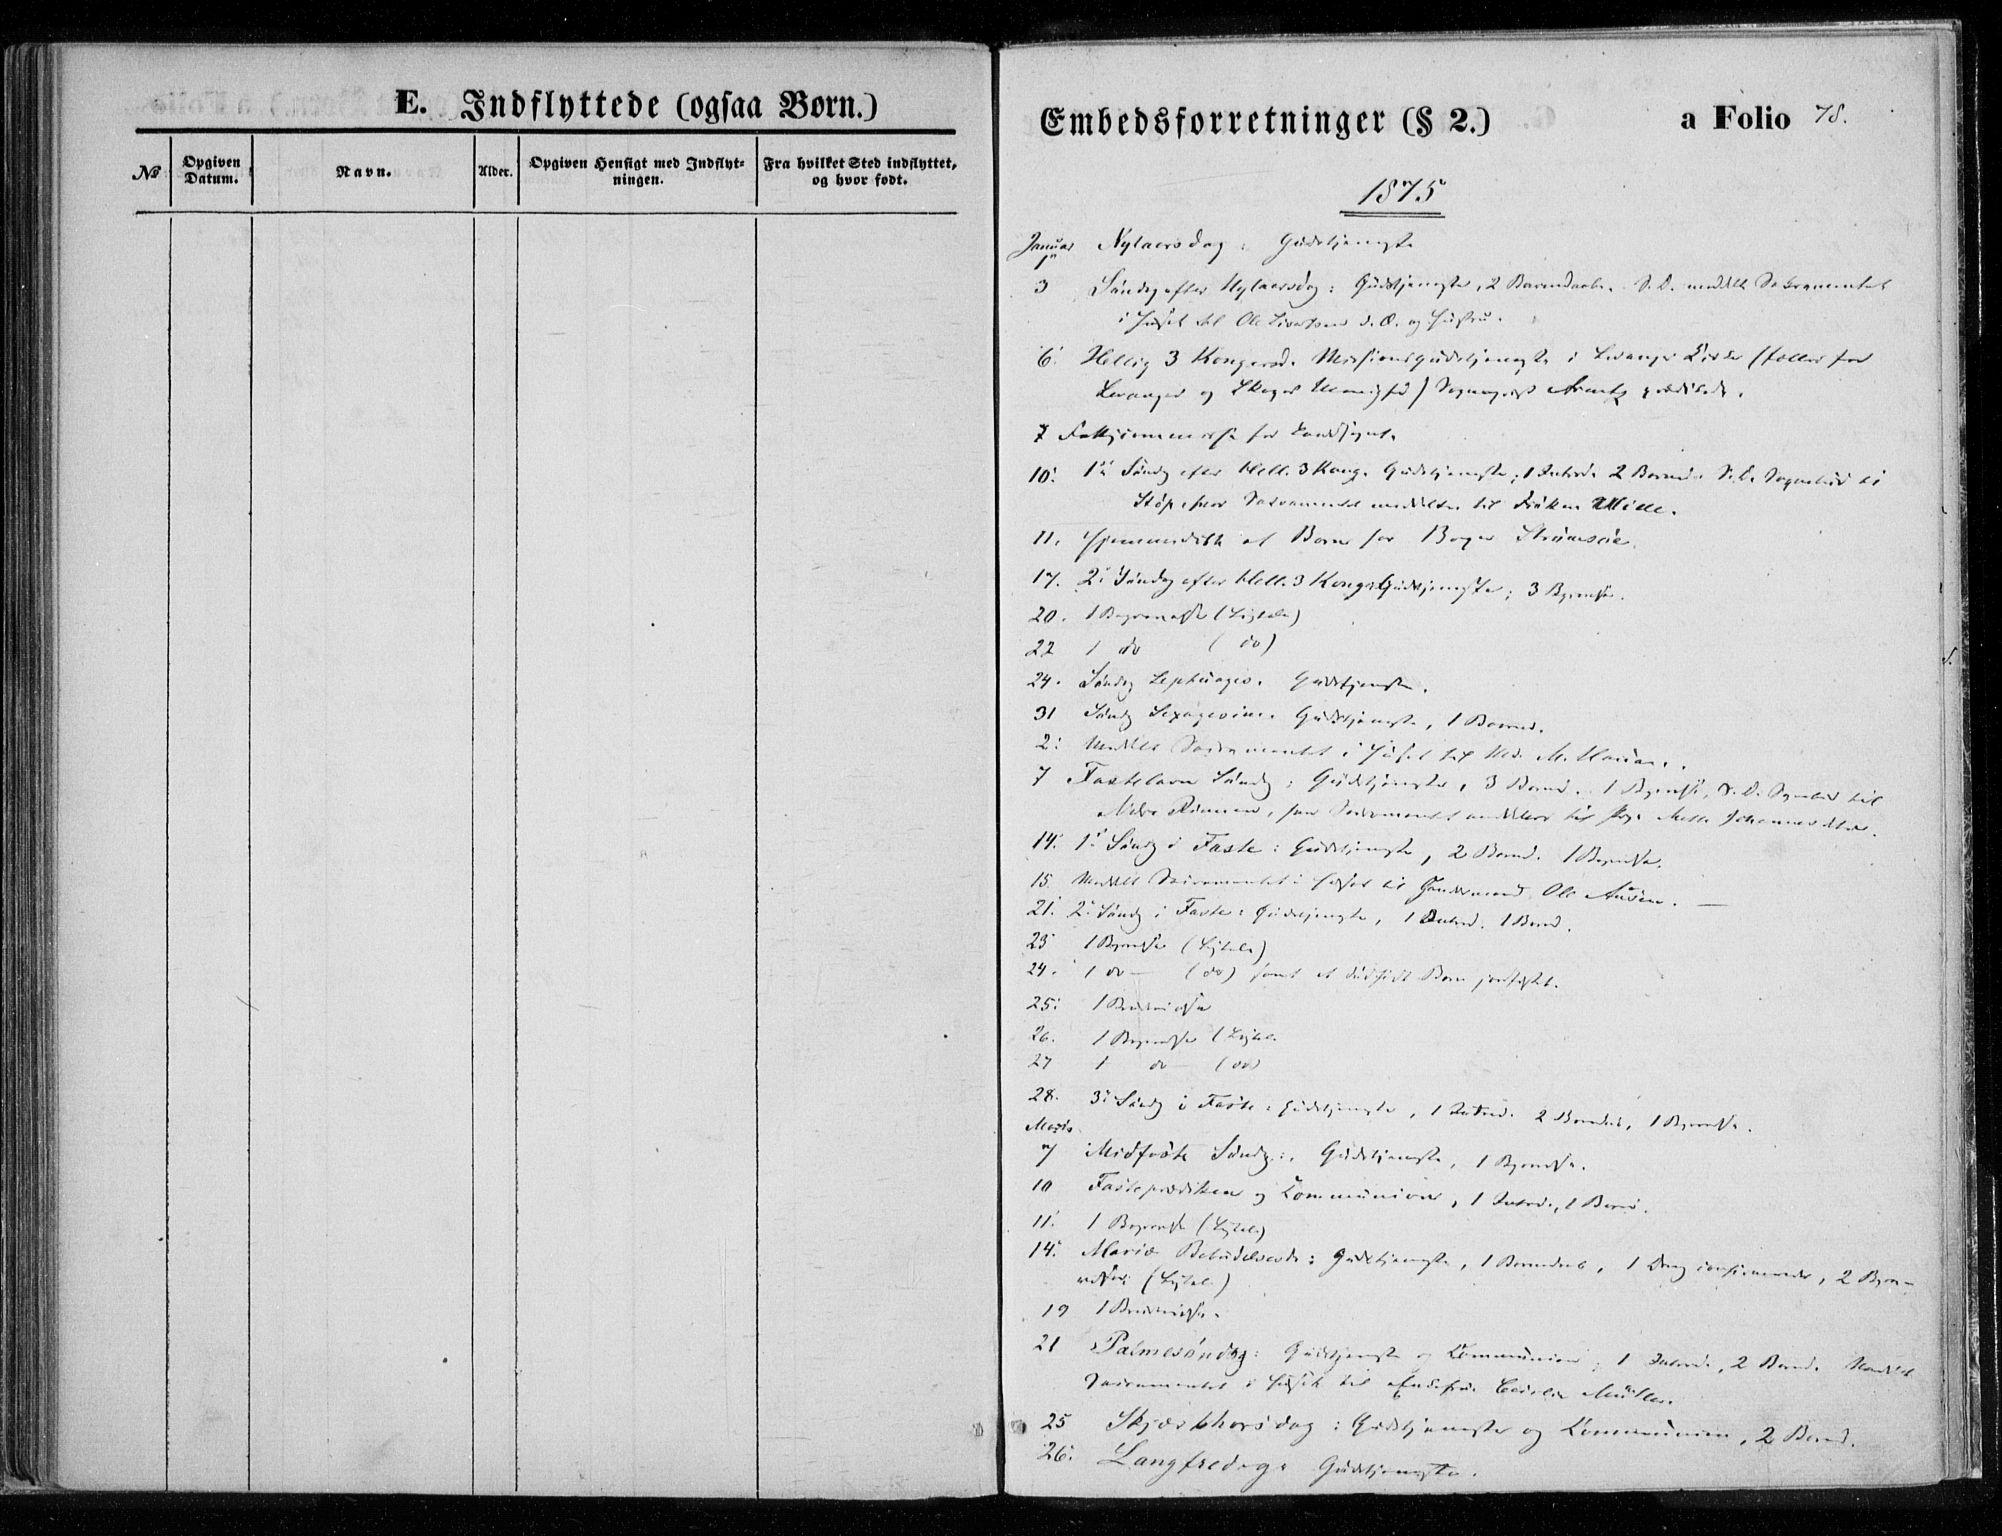 SAT, Ministerialprotokoller, klokkerbøker og fødselsregistre - Nord-Trøndelag, 720/L0187: Ministerialbok nr. 720A04 /1, 1875-1879, s. 78